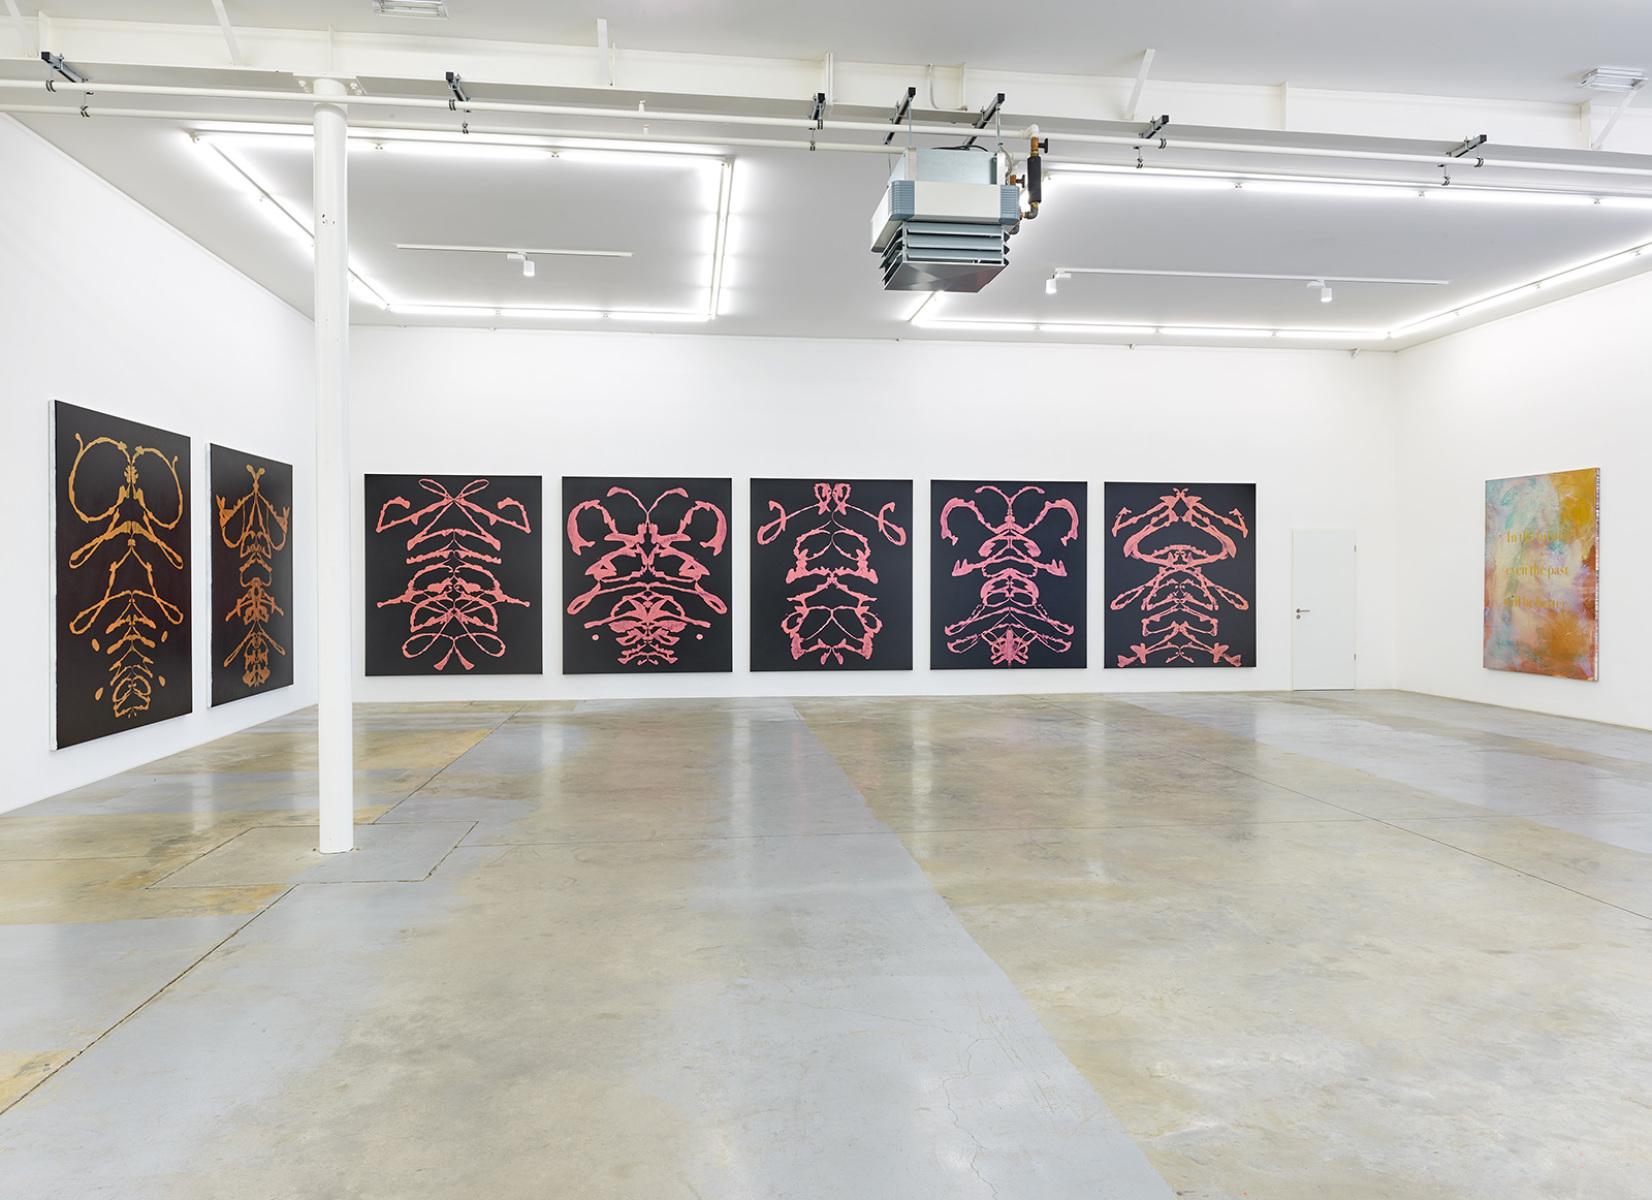 Exhibition view, Mitja Tušek, Freitzeit ist Arbeit, Wandhaff, juin 2021 #17